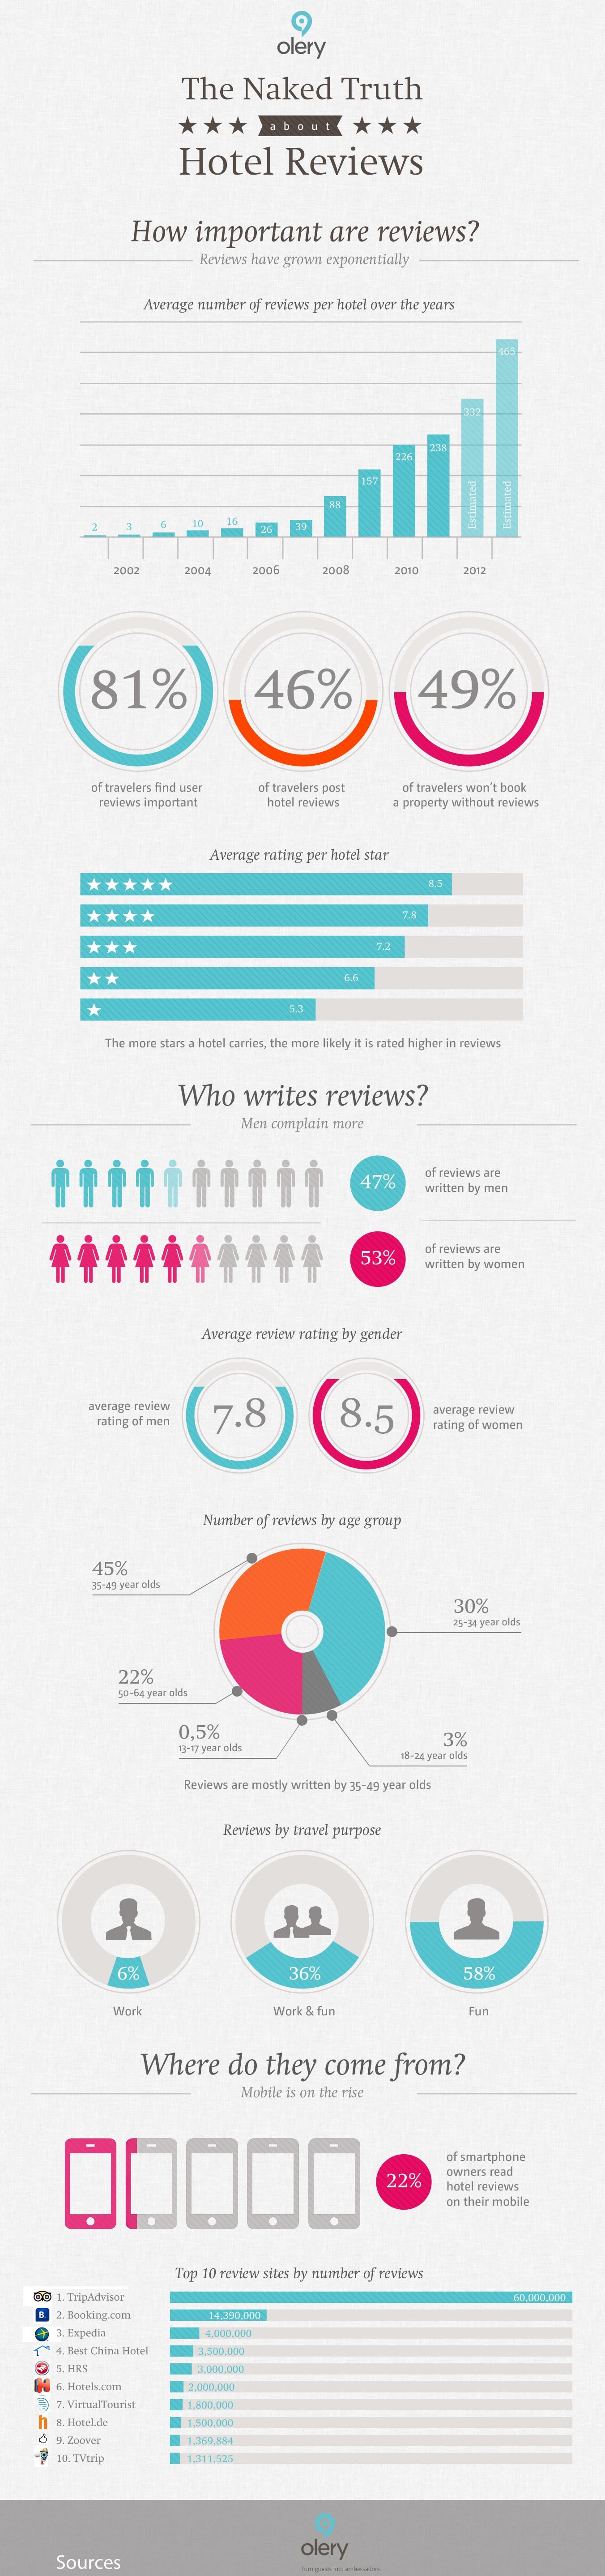 Otel yorumlari infografik